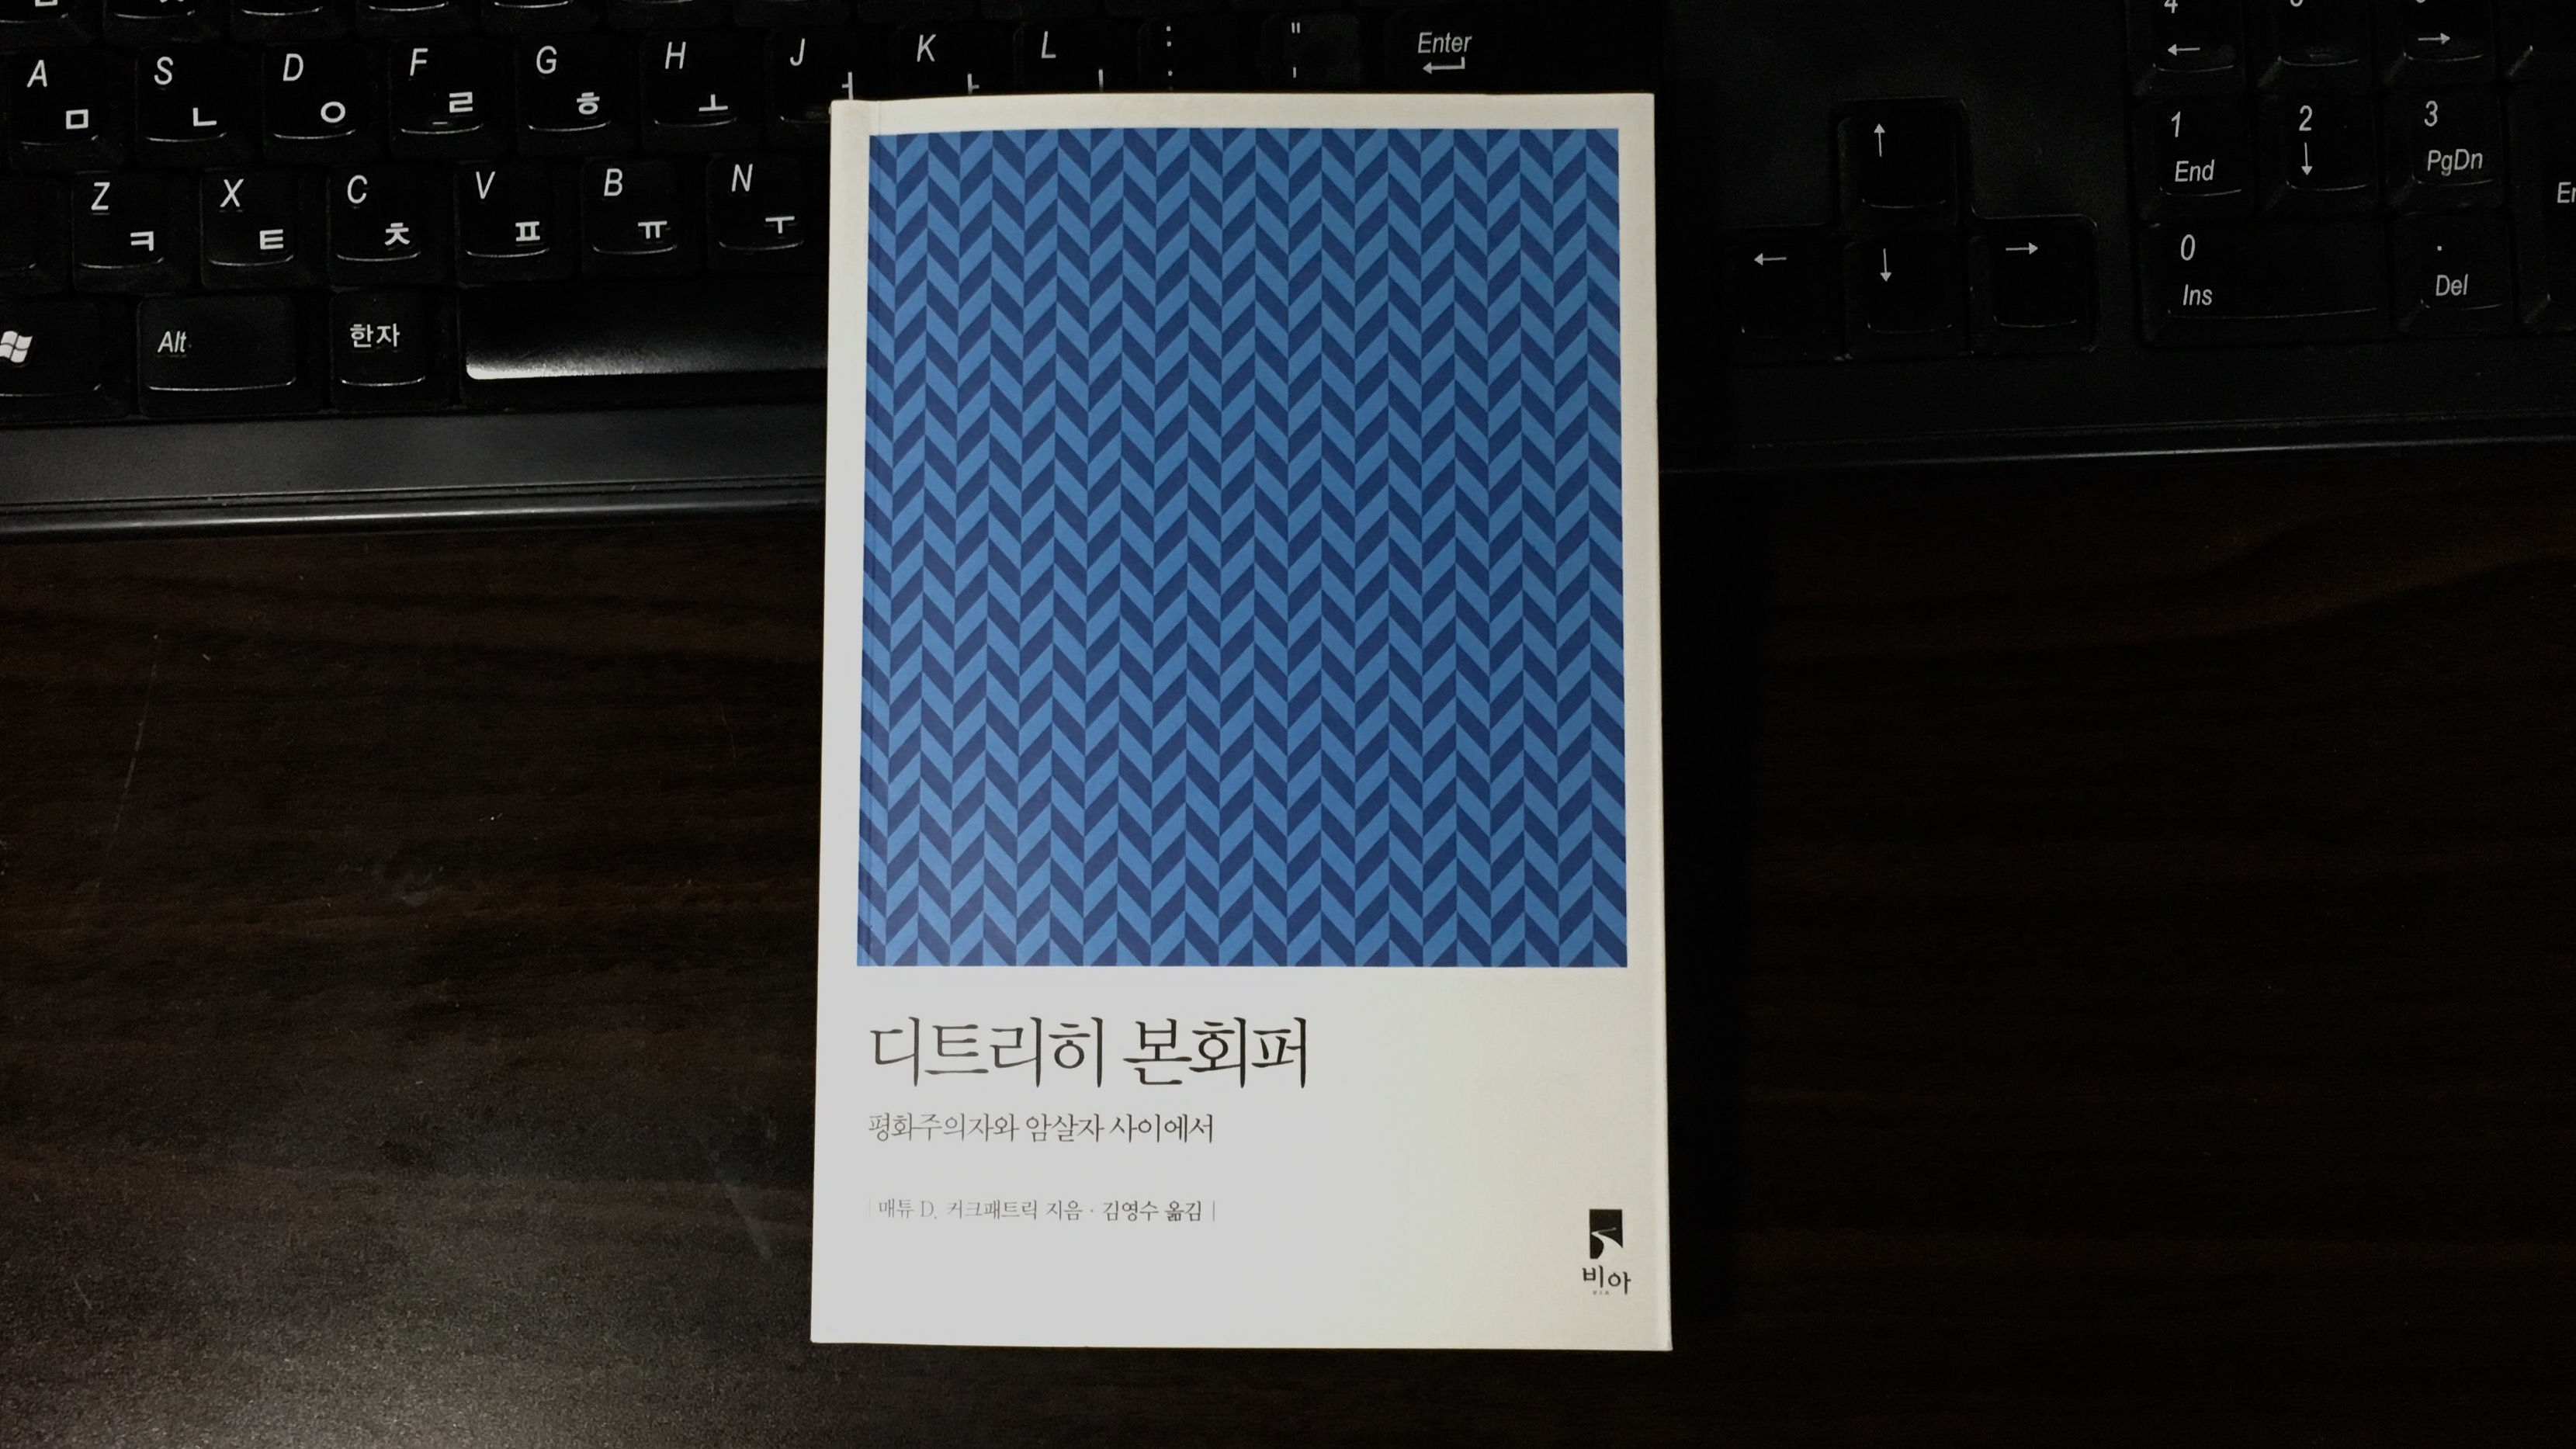 디트리히 본회퍼 - 메튜 D 커크패트릭 / 김영수 역